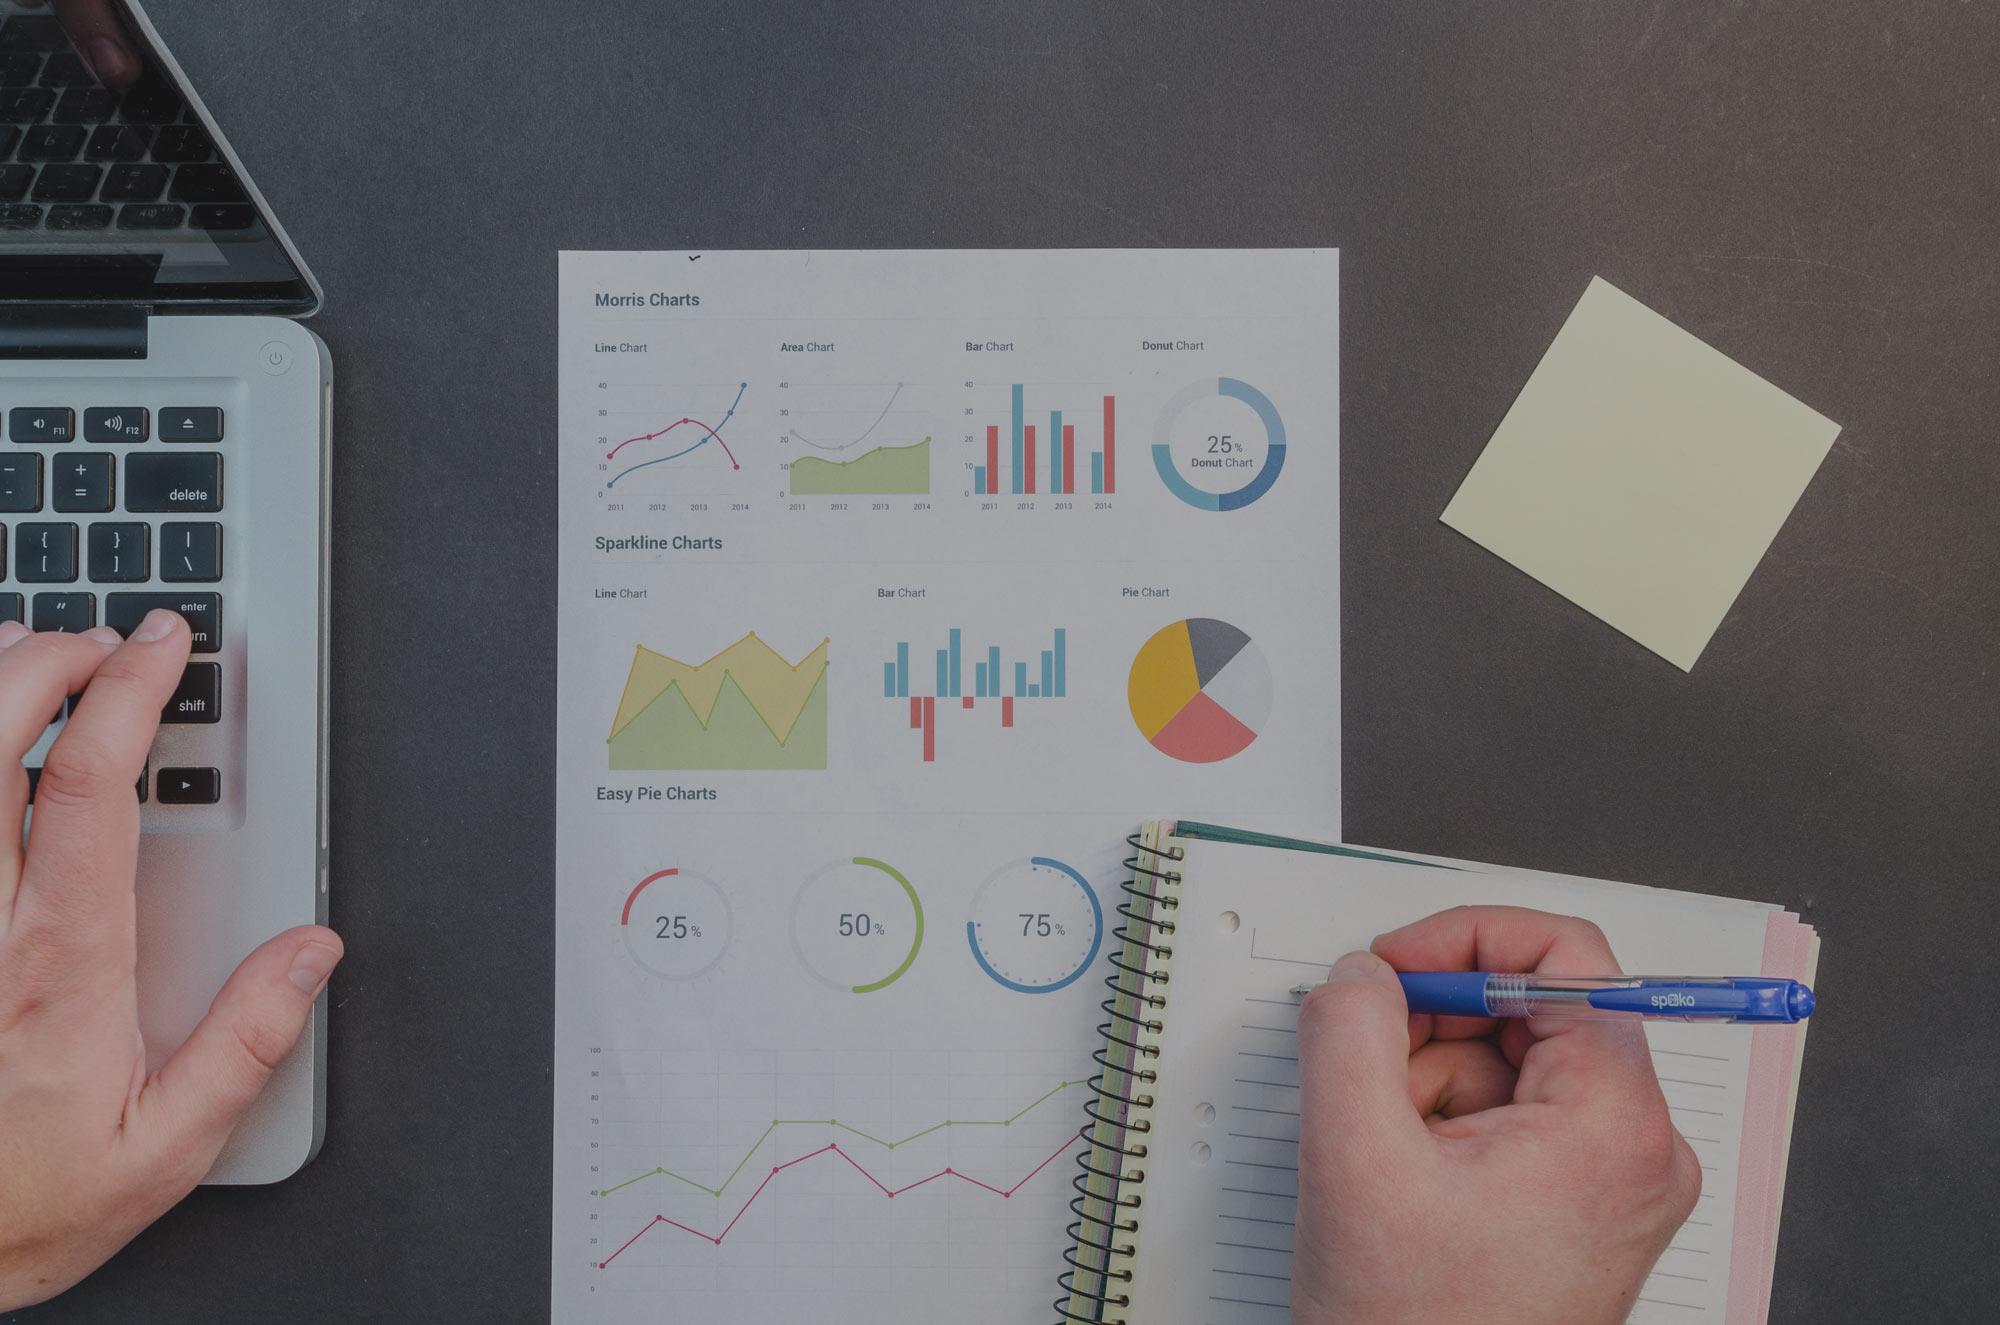 Talento implanta soluciones de negocio para la gestión de los clientes